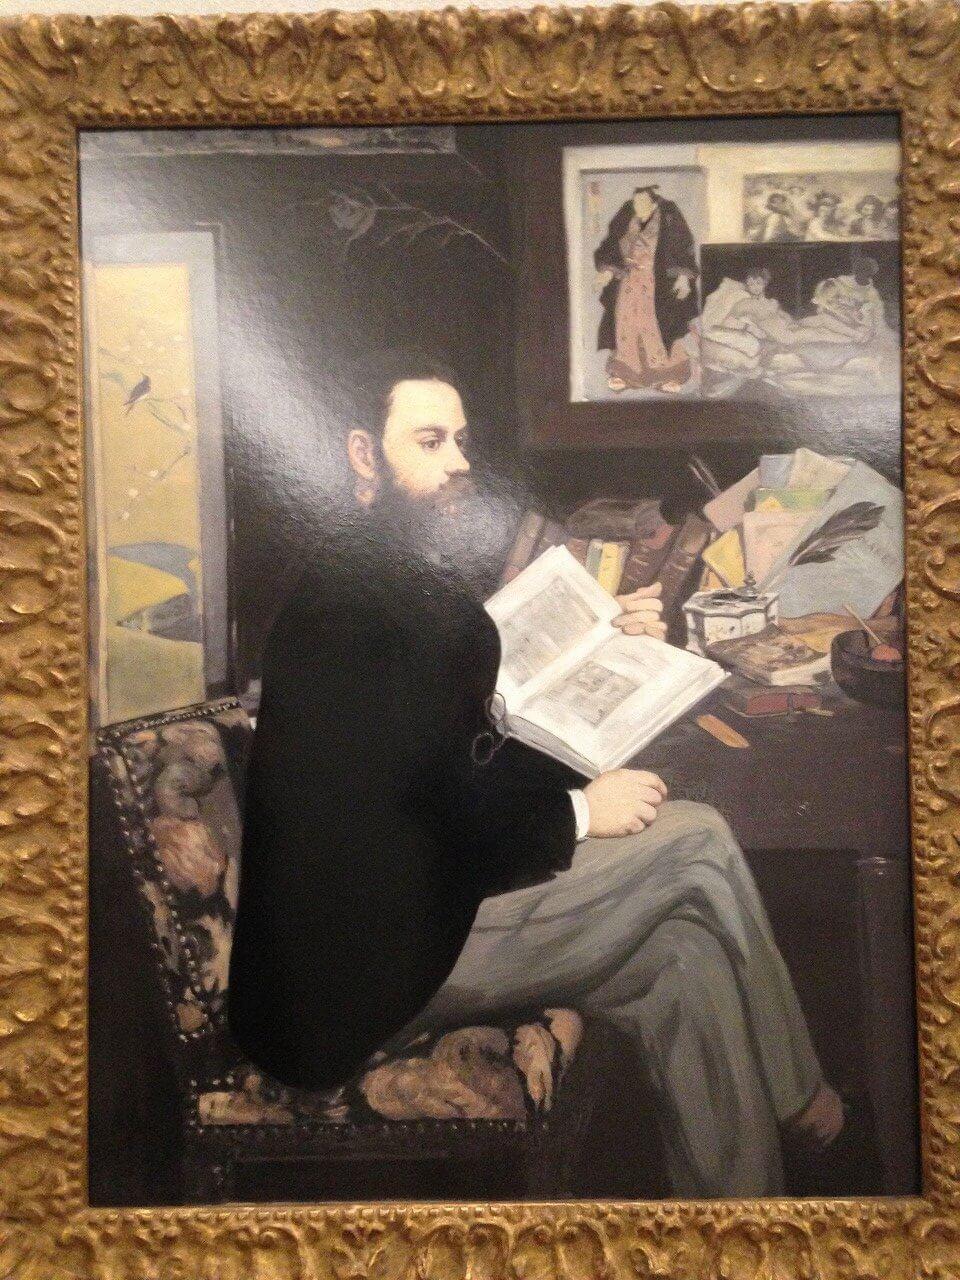 エミール・ゾラの肖像 エドゥアール・マネ